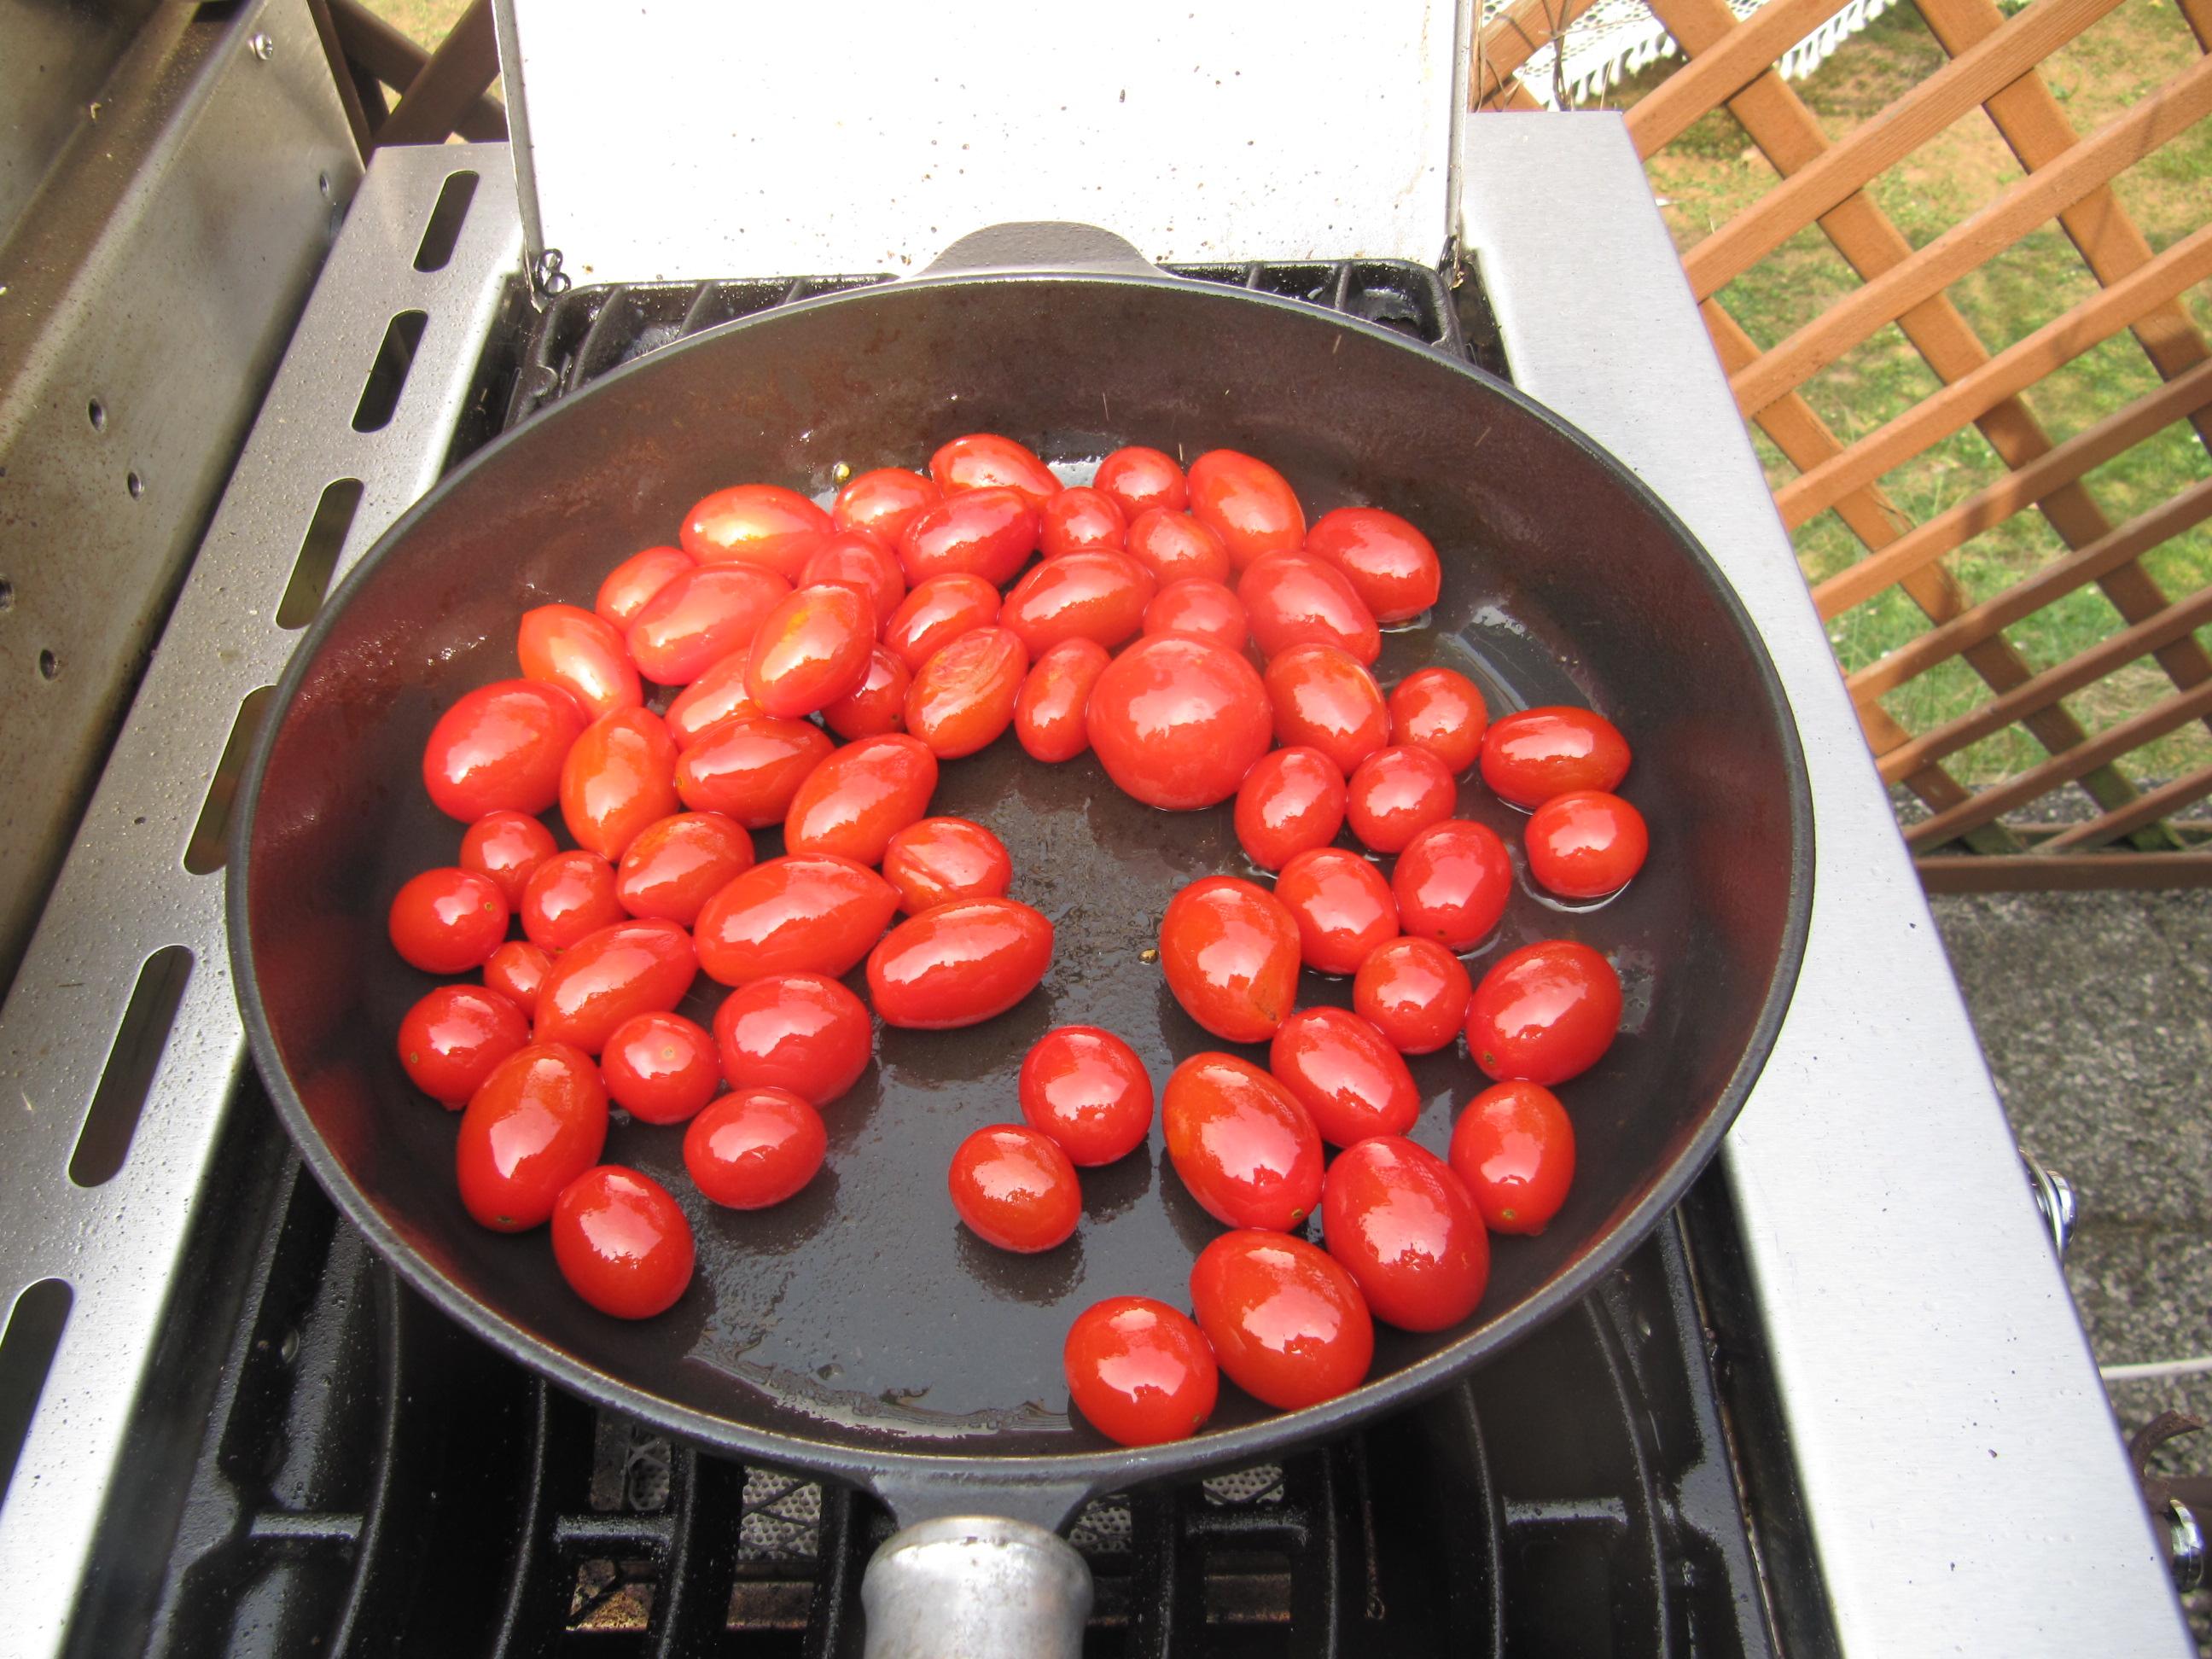 rezept nr 38 mein rib eye und rumpsteak am salzstein gegrillt mit karamellisierten tomaten. Black Bedroom Furniture Sets. Home Design Ideas